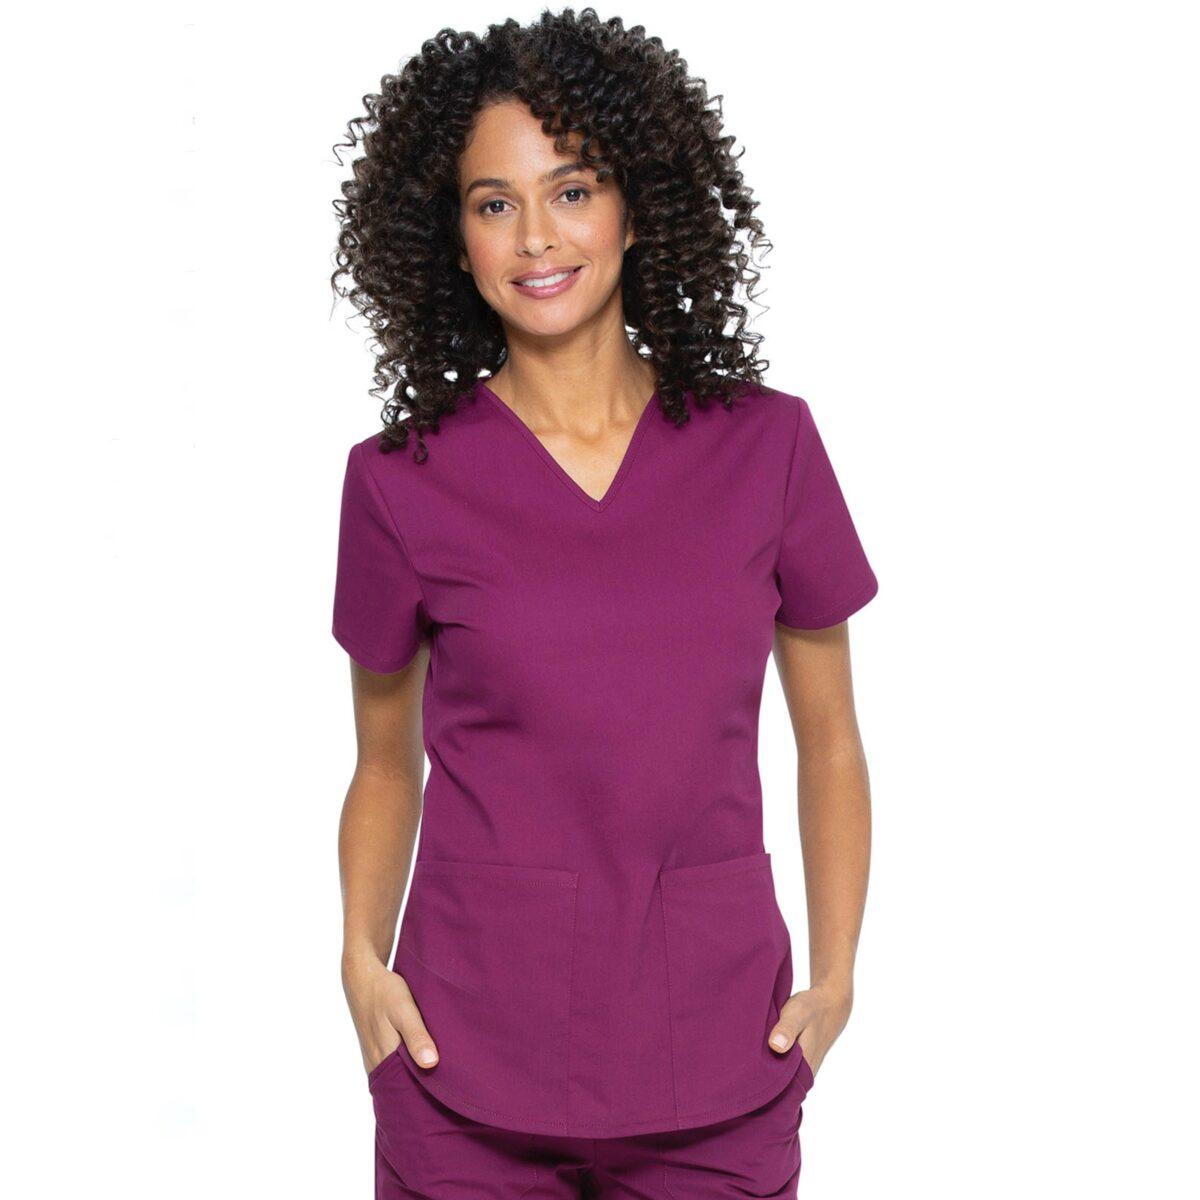 Женский медицинский костюм Vital от Cherokee цвет винный